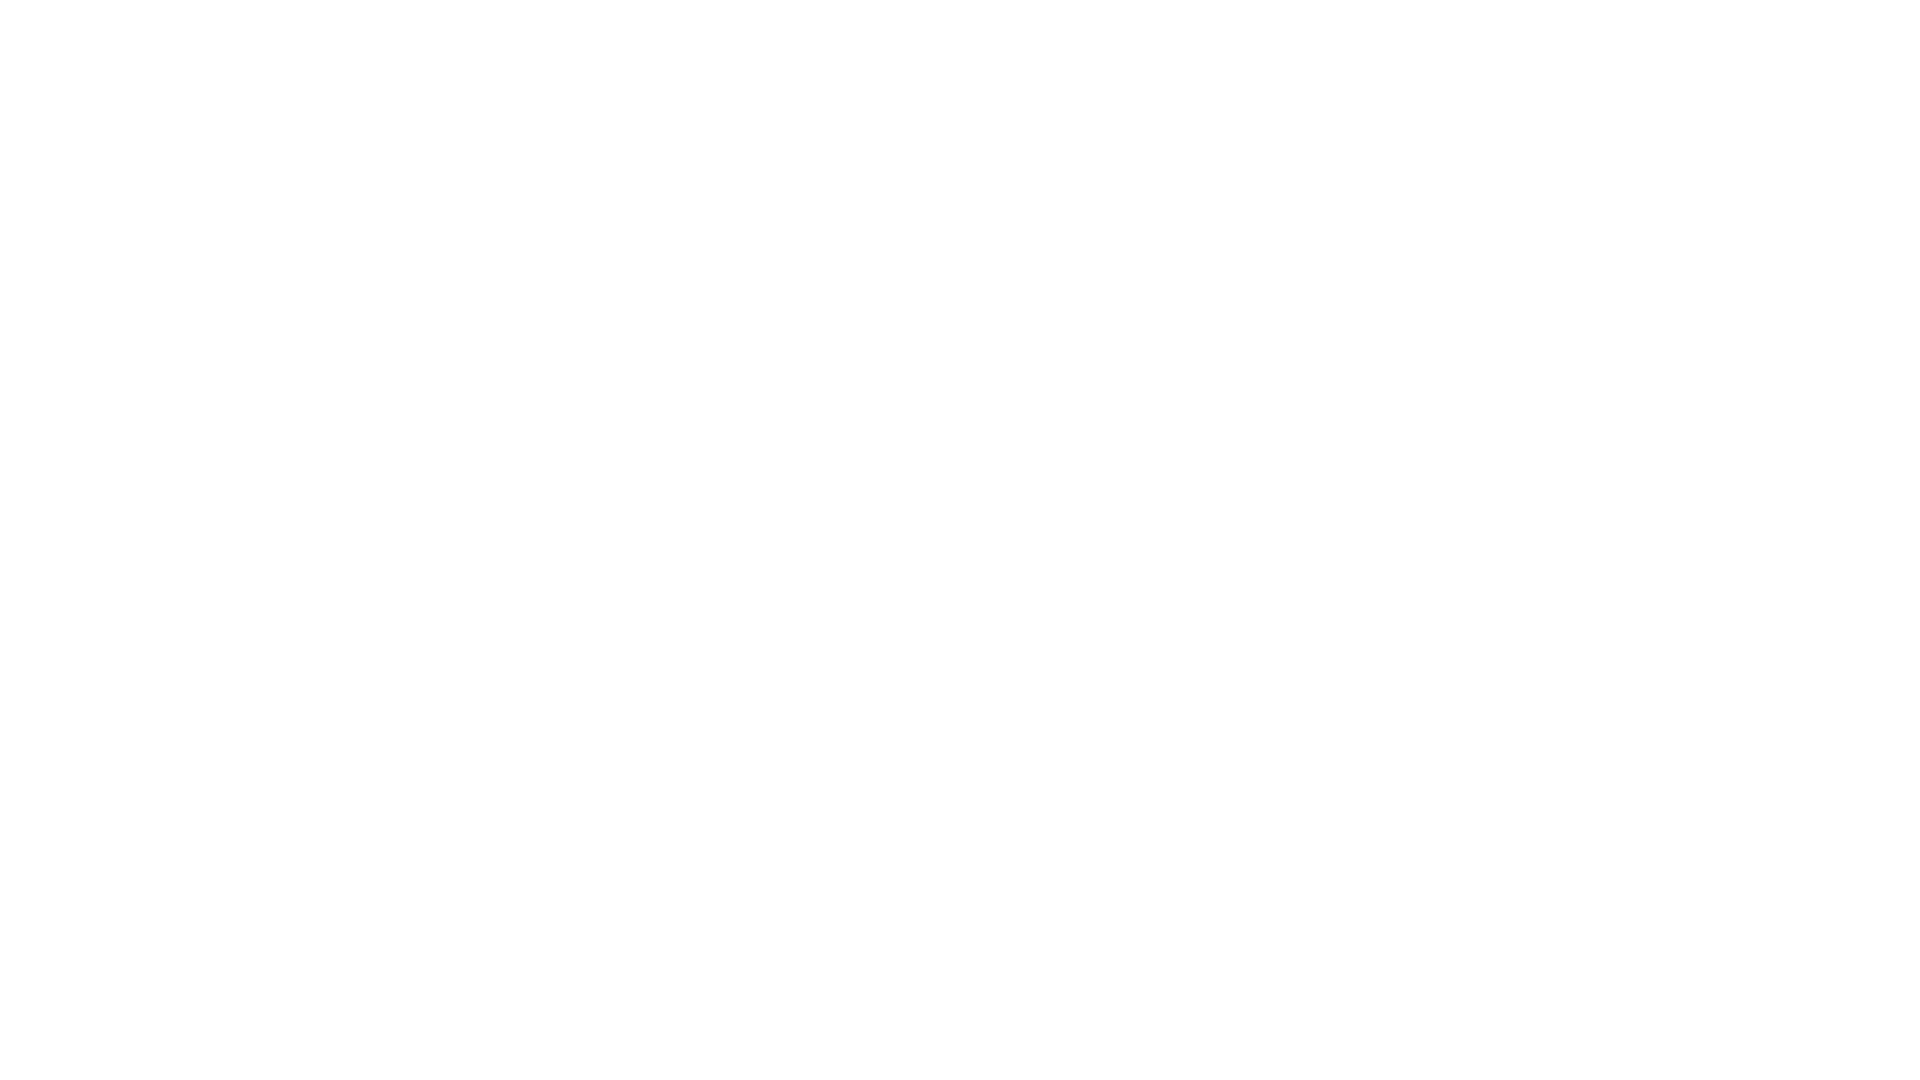 strobel_martin_clients_warnermusic